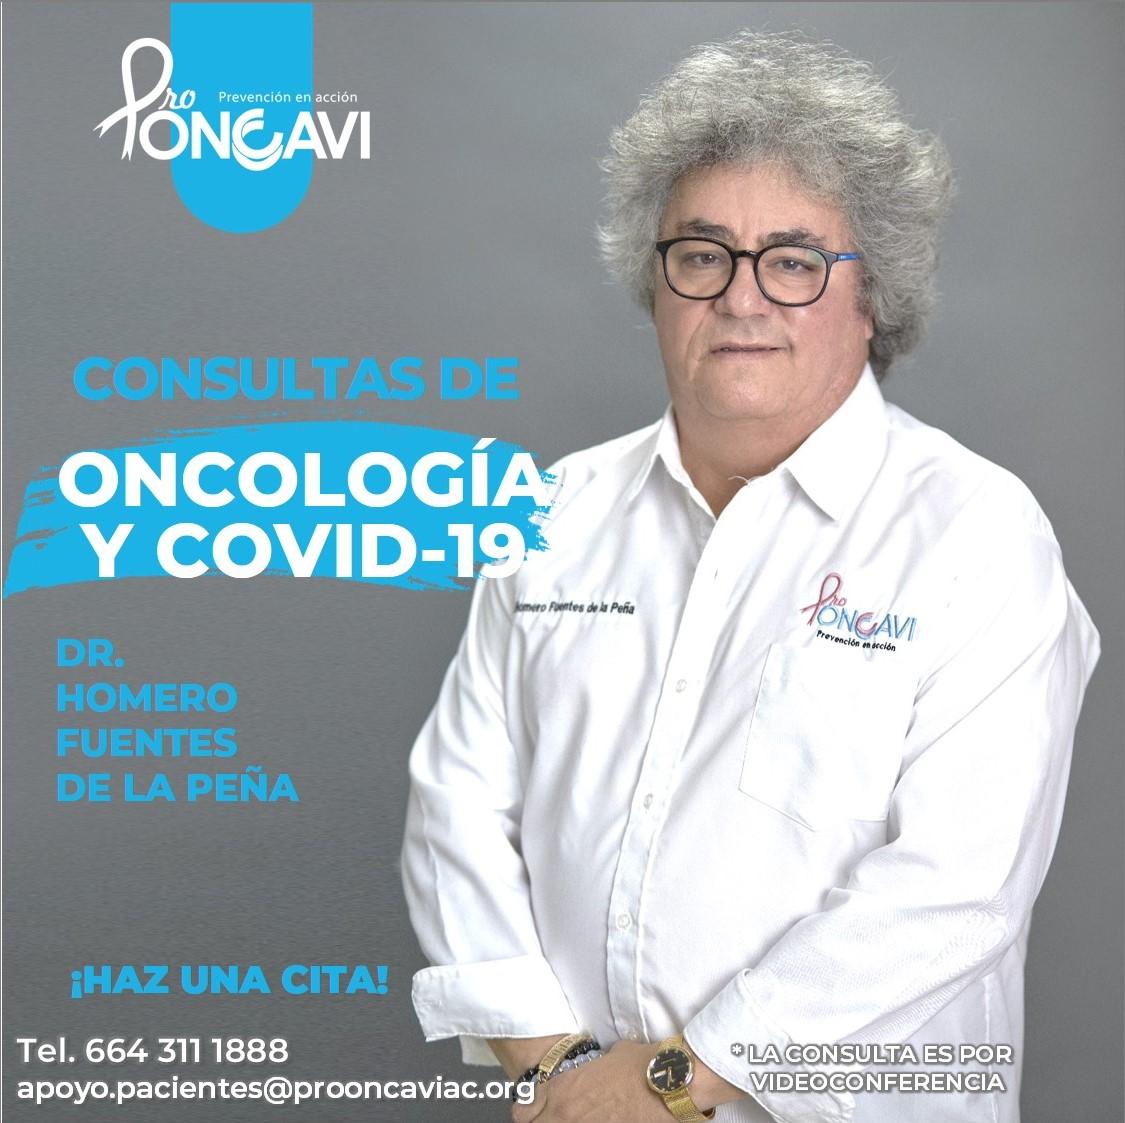 Pro-Oncavi brinda consultas de diversas especialidades vía Video-conferencia.